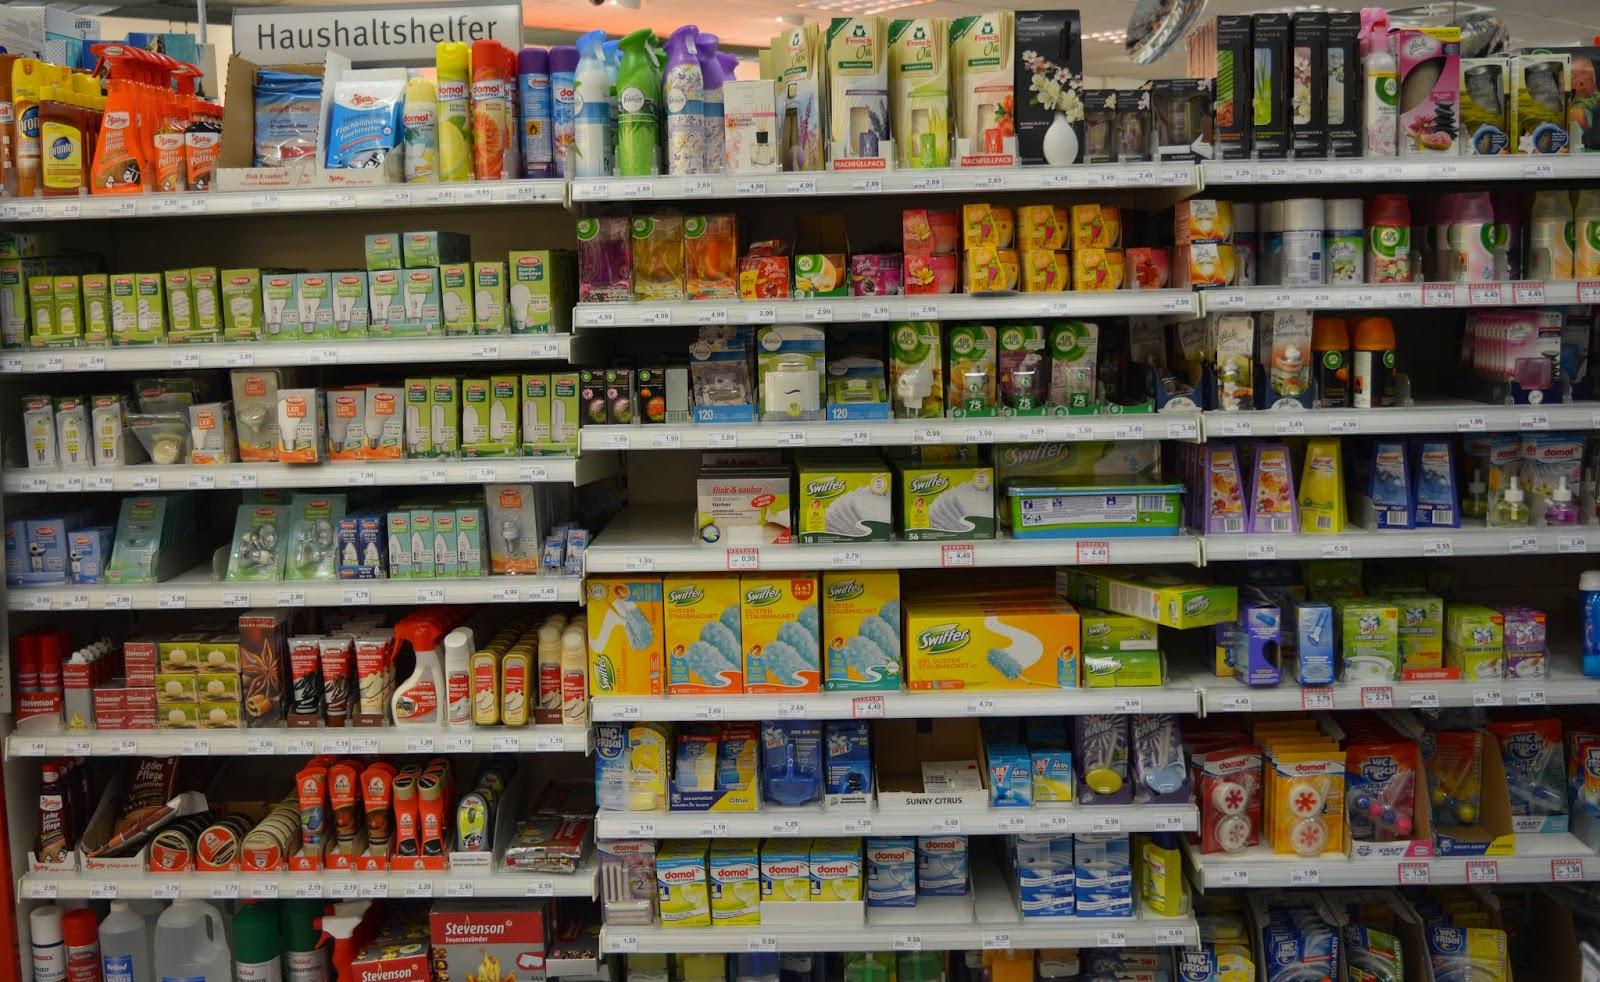 onde comprar cosméticos alemanha